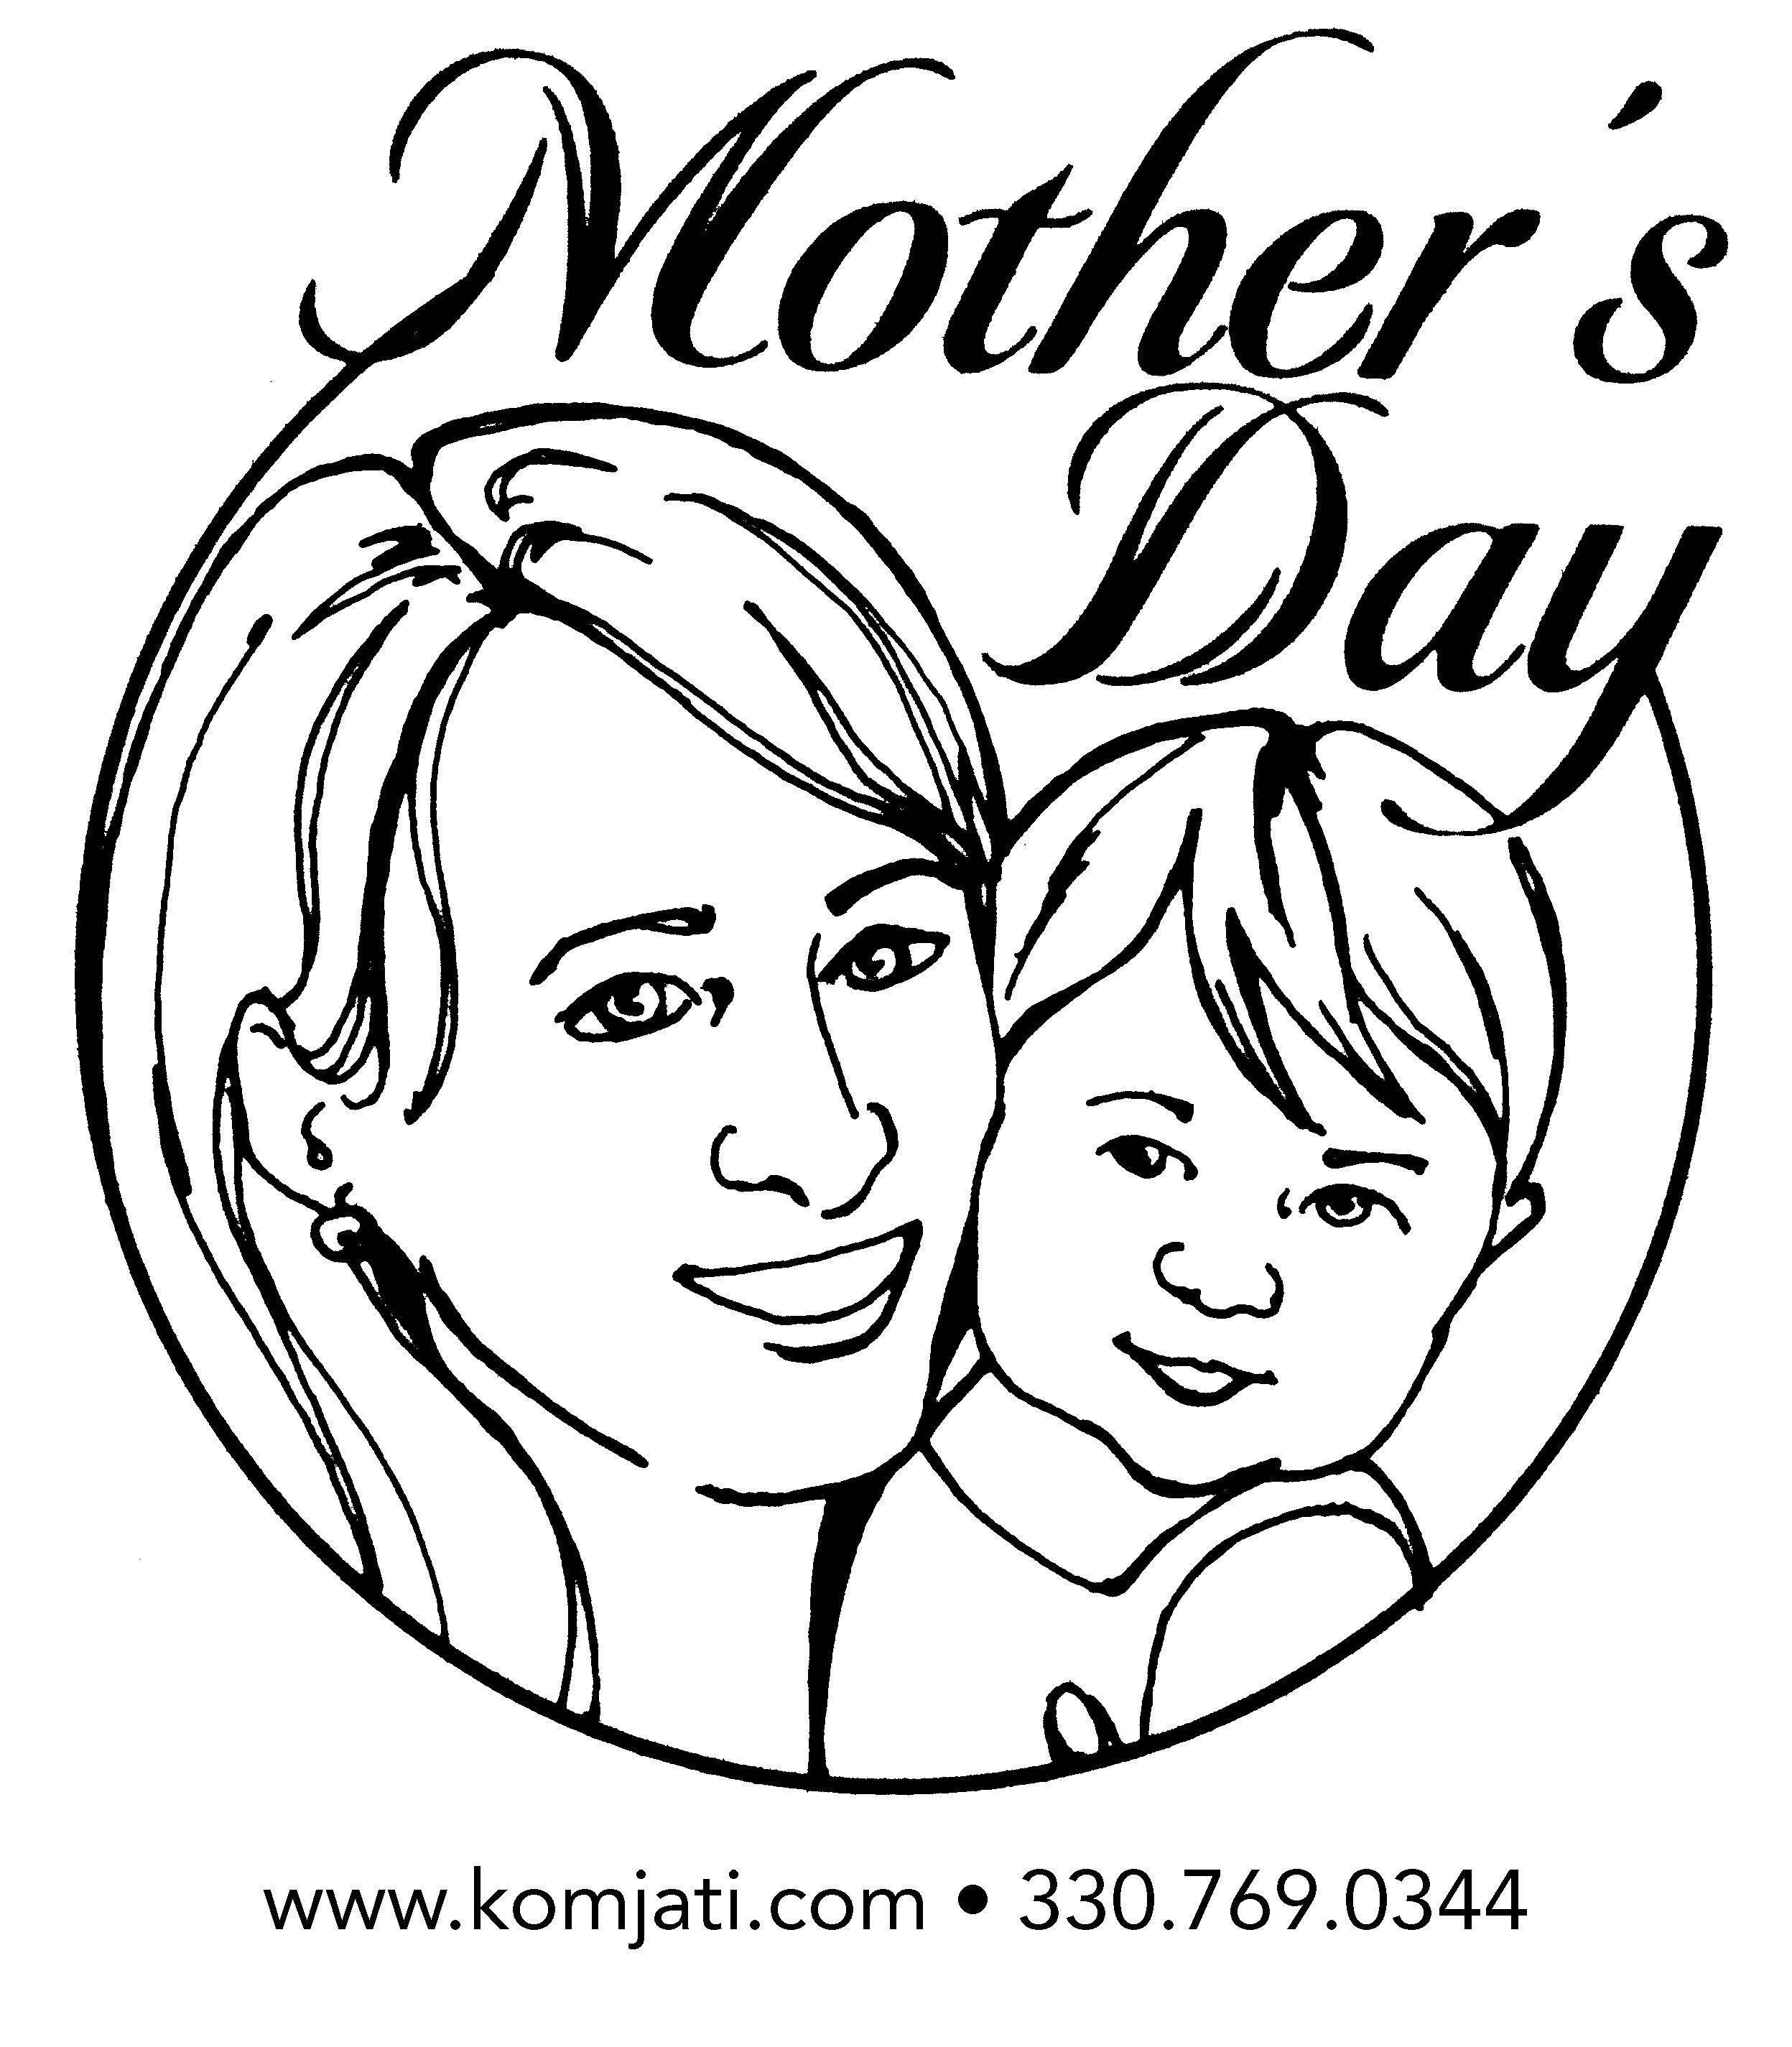 Открытки ко дню матери рисунок быстро, поздравлениями месяцев